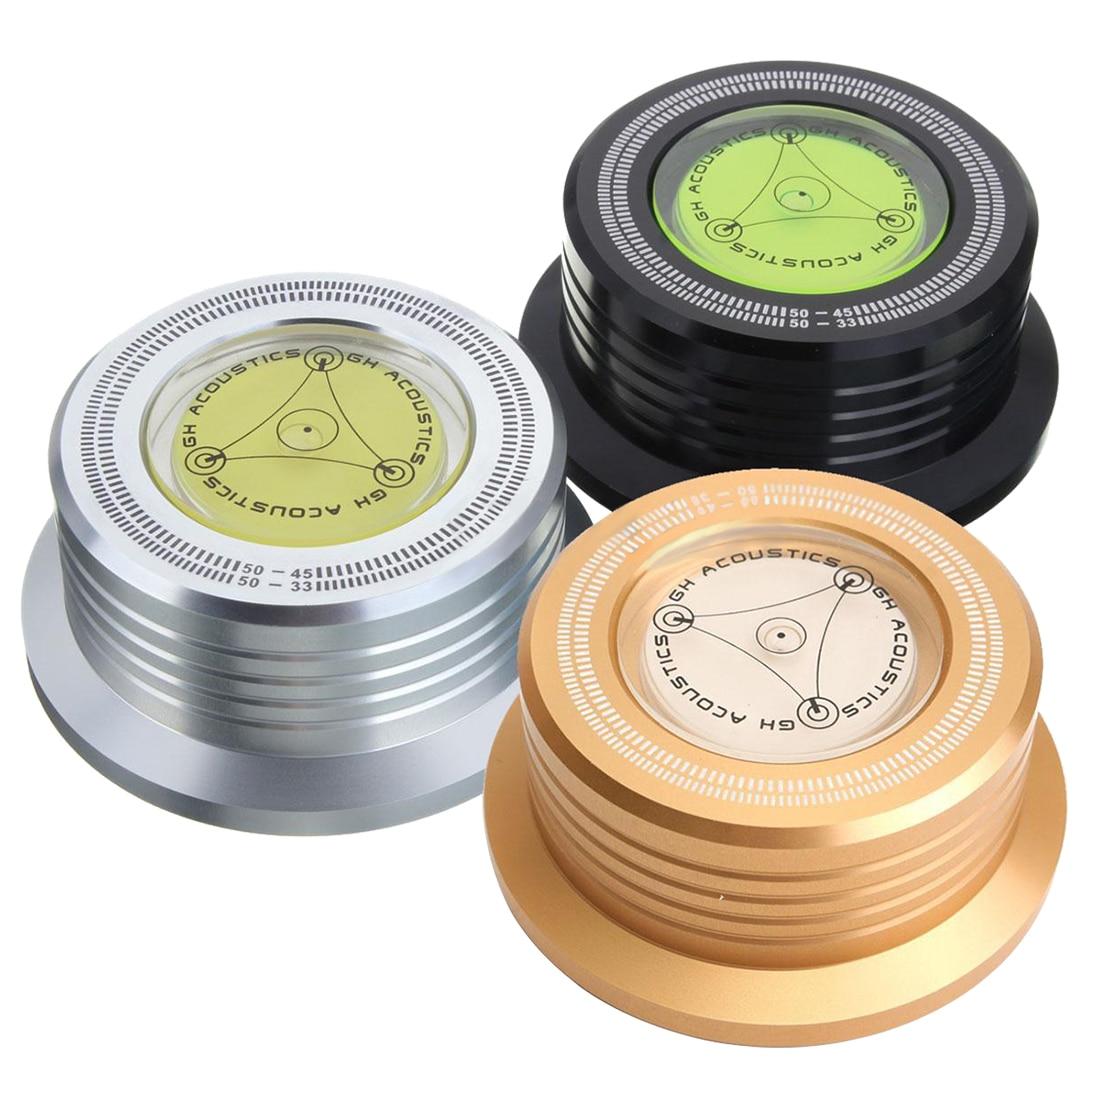 CHAUDE 3 couleurs aléatoire Pince LP Stabilisateur de Disque Platine Pour Vibrations Équilibrée